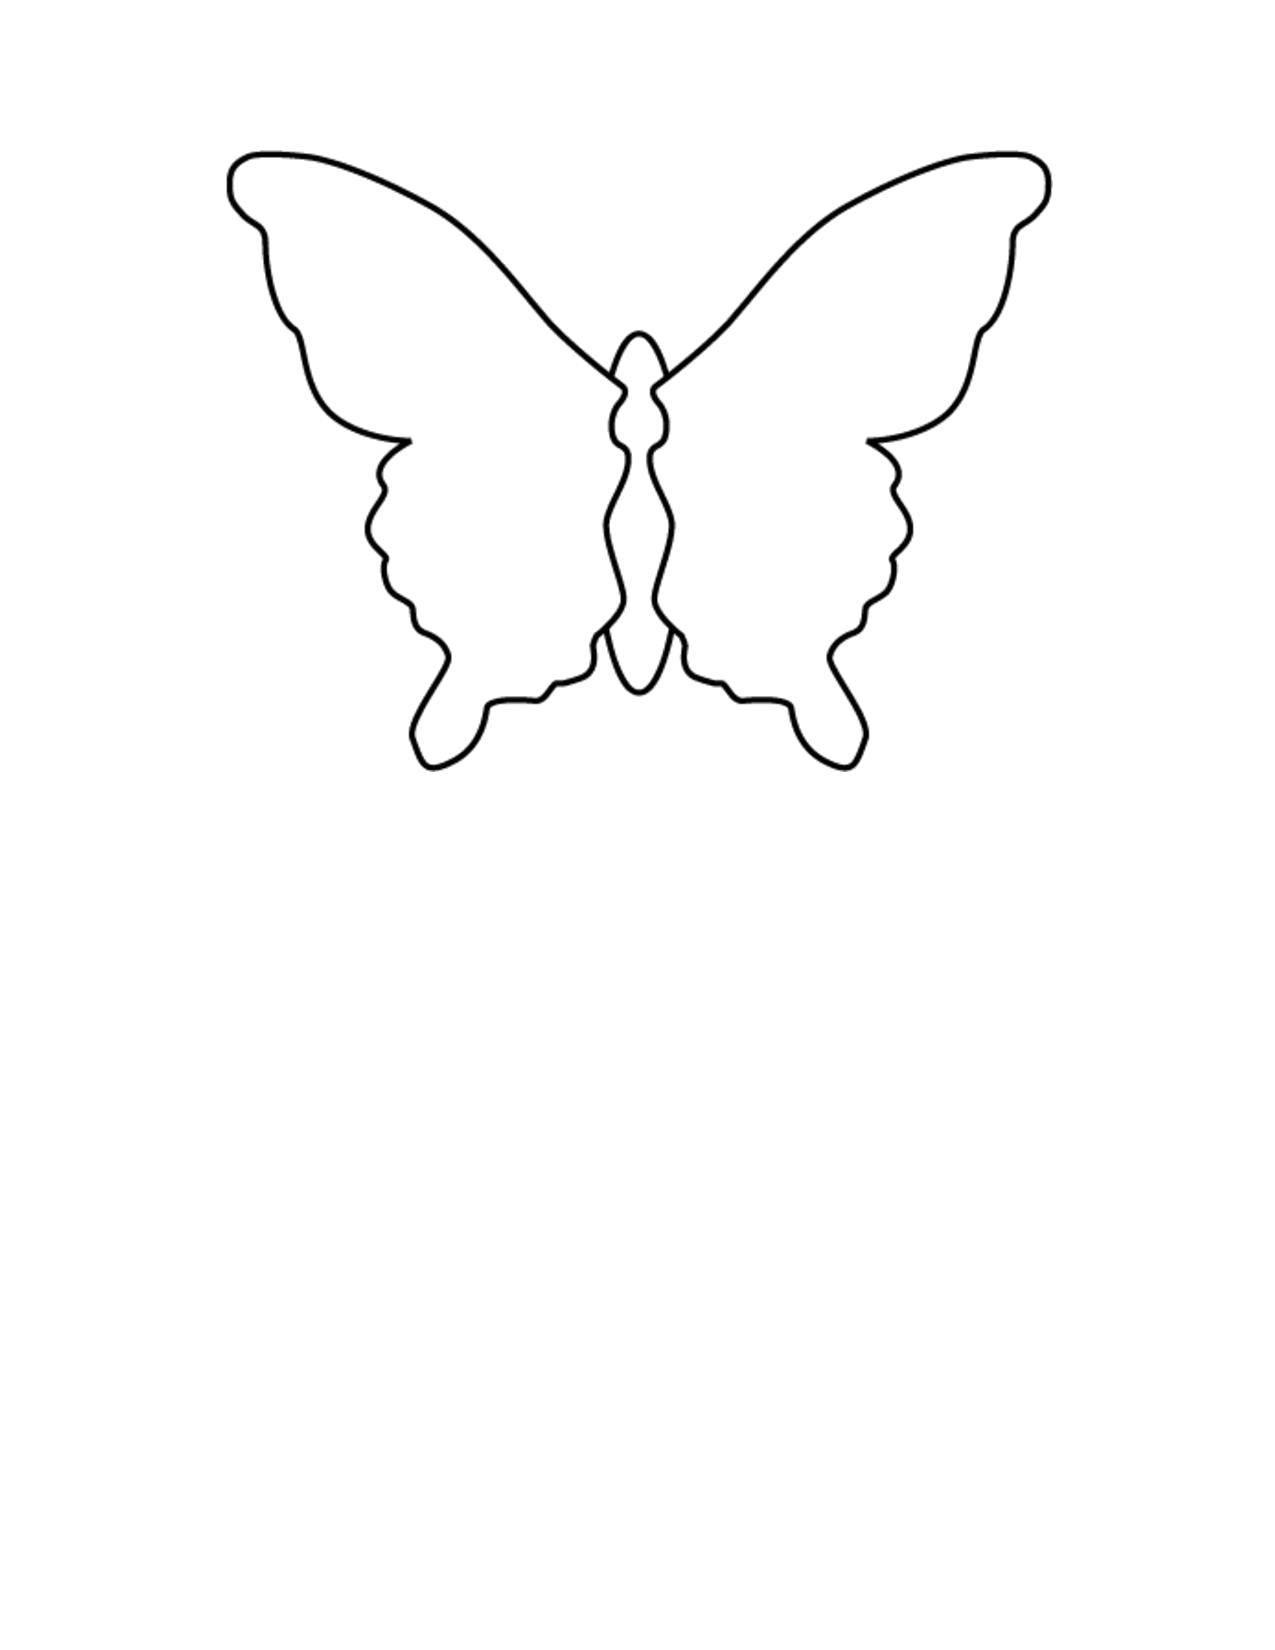 Название: Раскраска Контур бабочки. Категория: контуры для вырезания бабочек. Теги: Контур, бабочка.